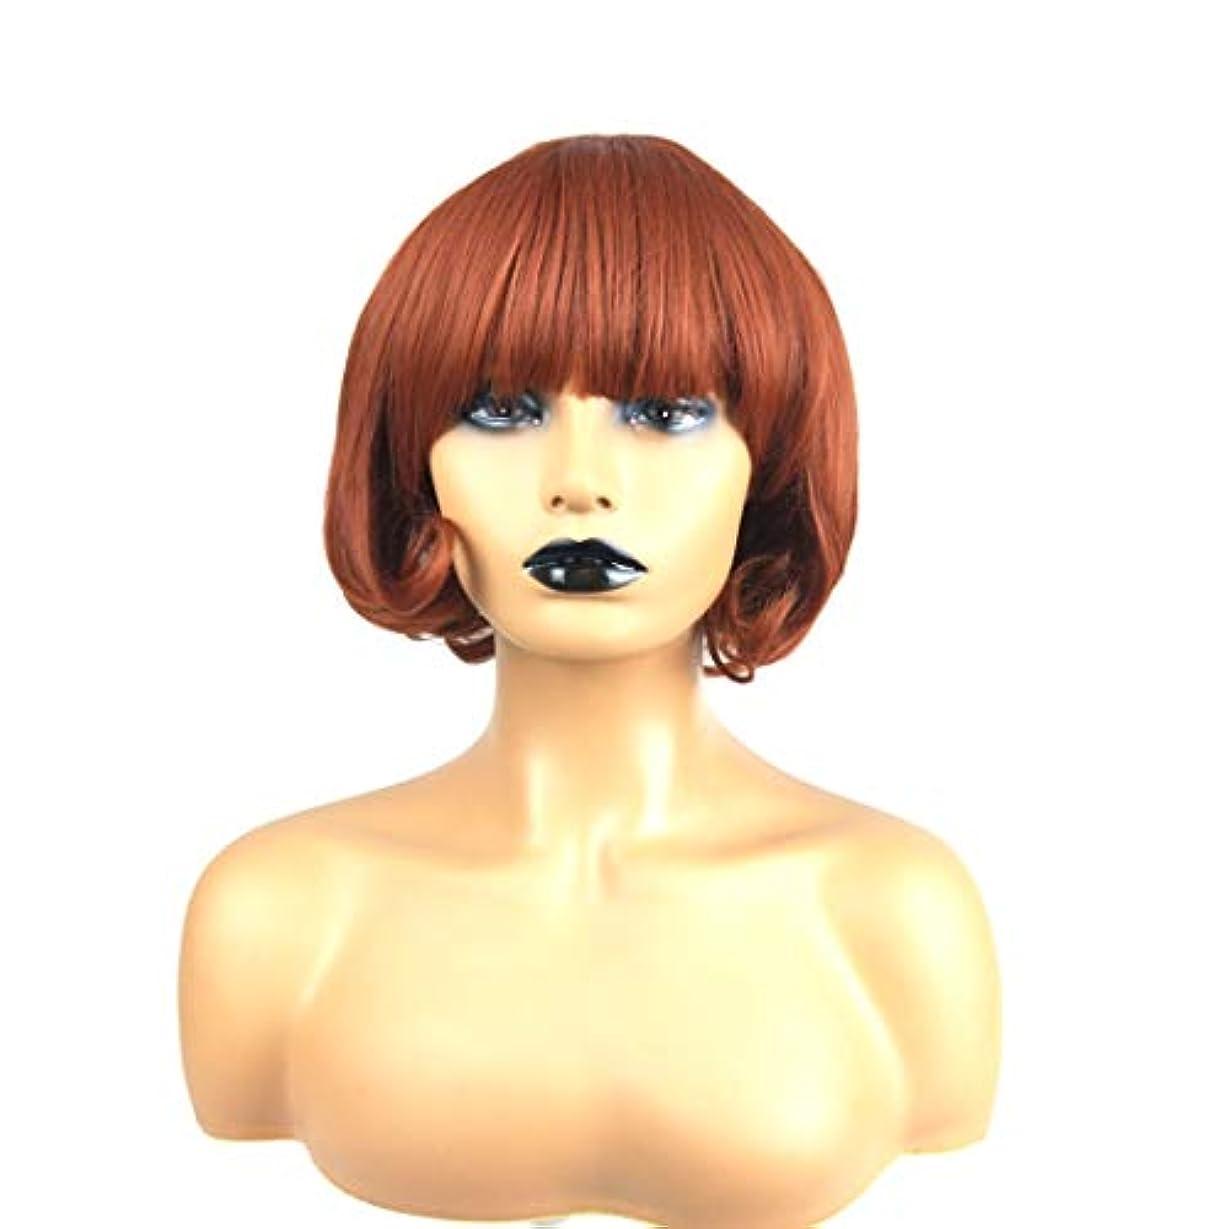 わかる外出修道院Kerwinner 前髪とふわふわの化学繊維高温シルクウィッグヘッドギアと茶色の短い巻き毛のかつら